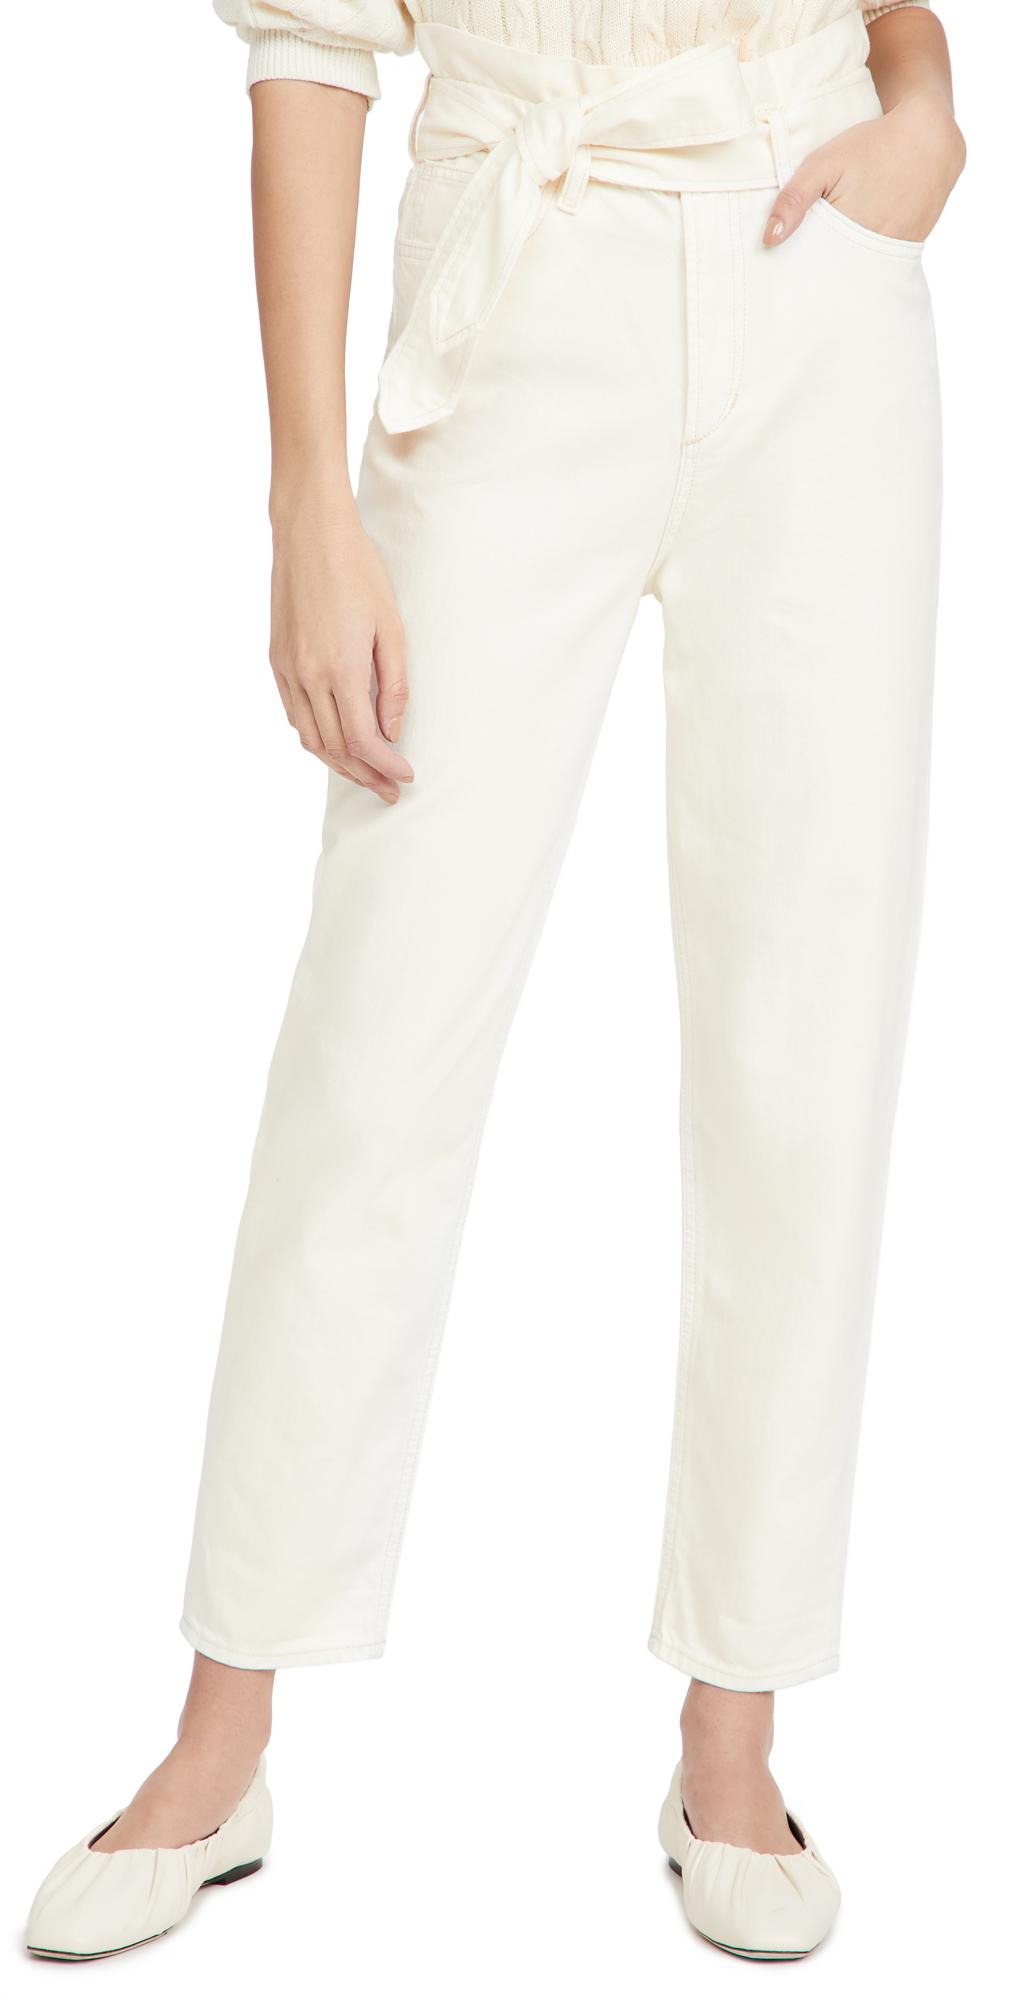 Joe's Jeans The Brinkley W. Double Roll Pants